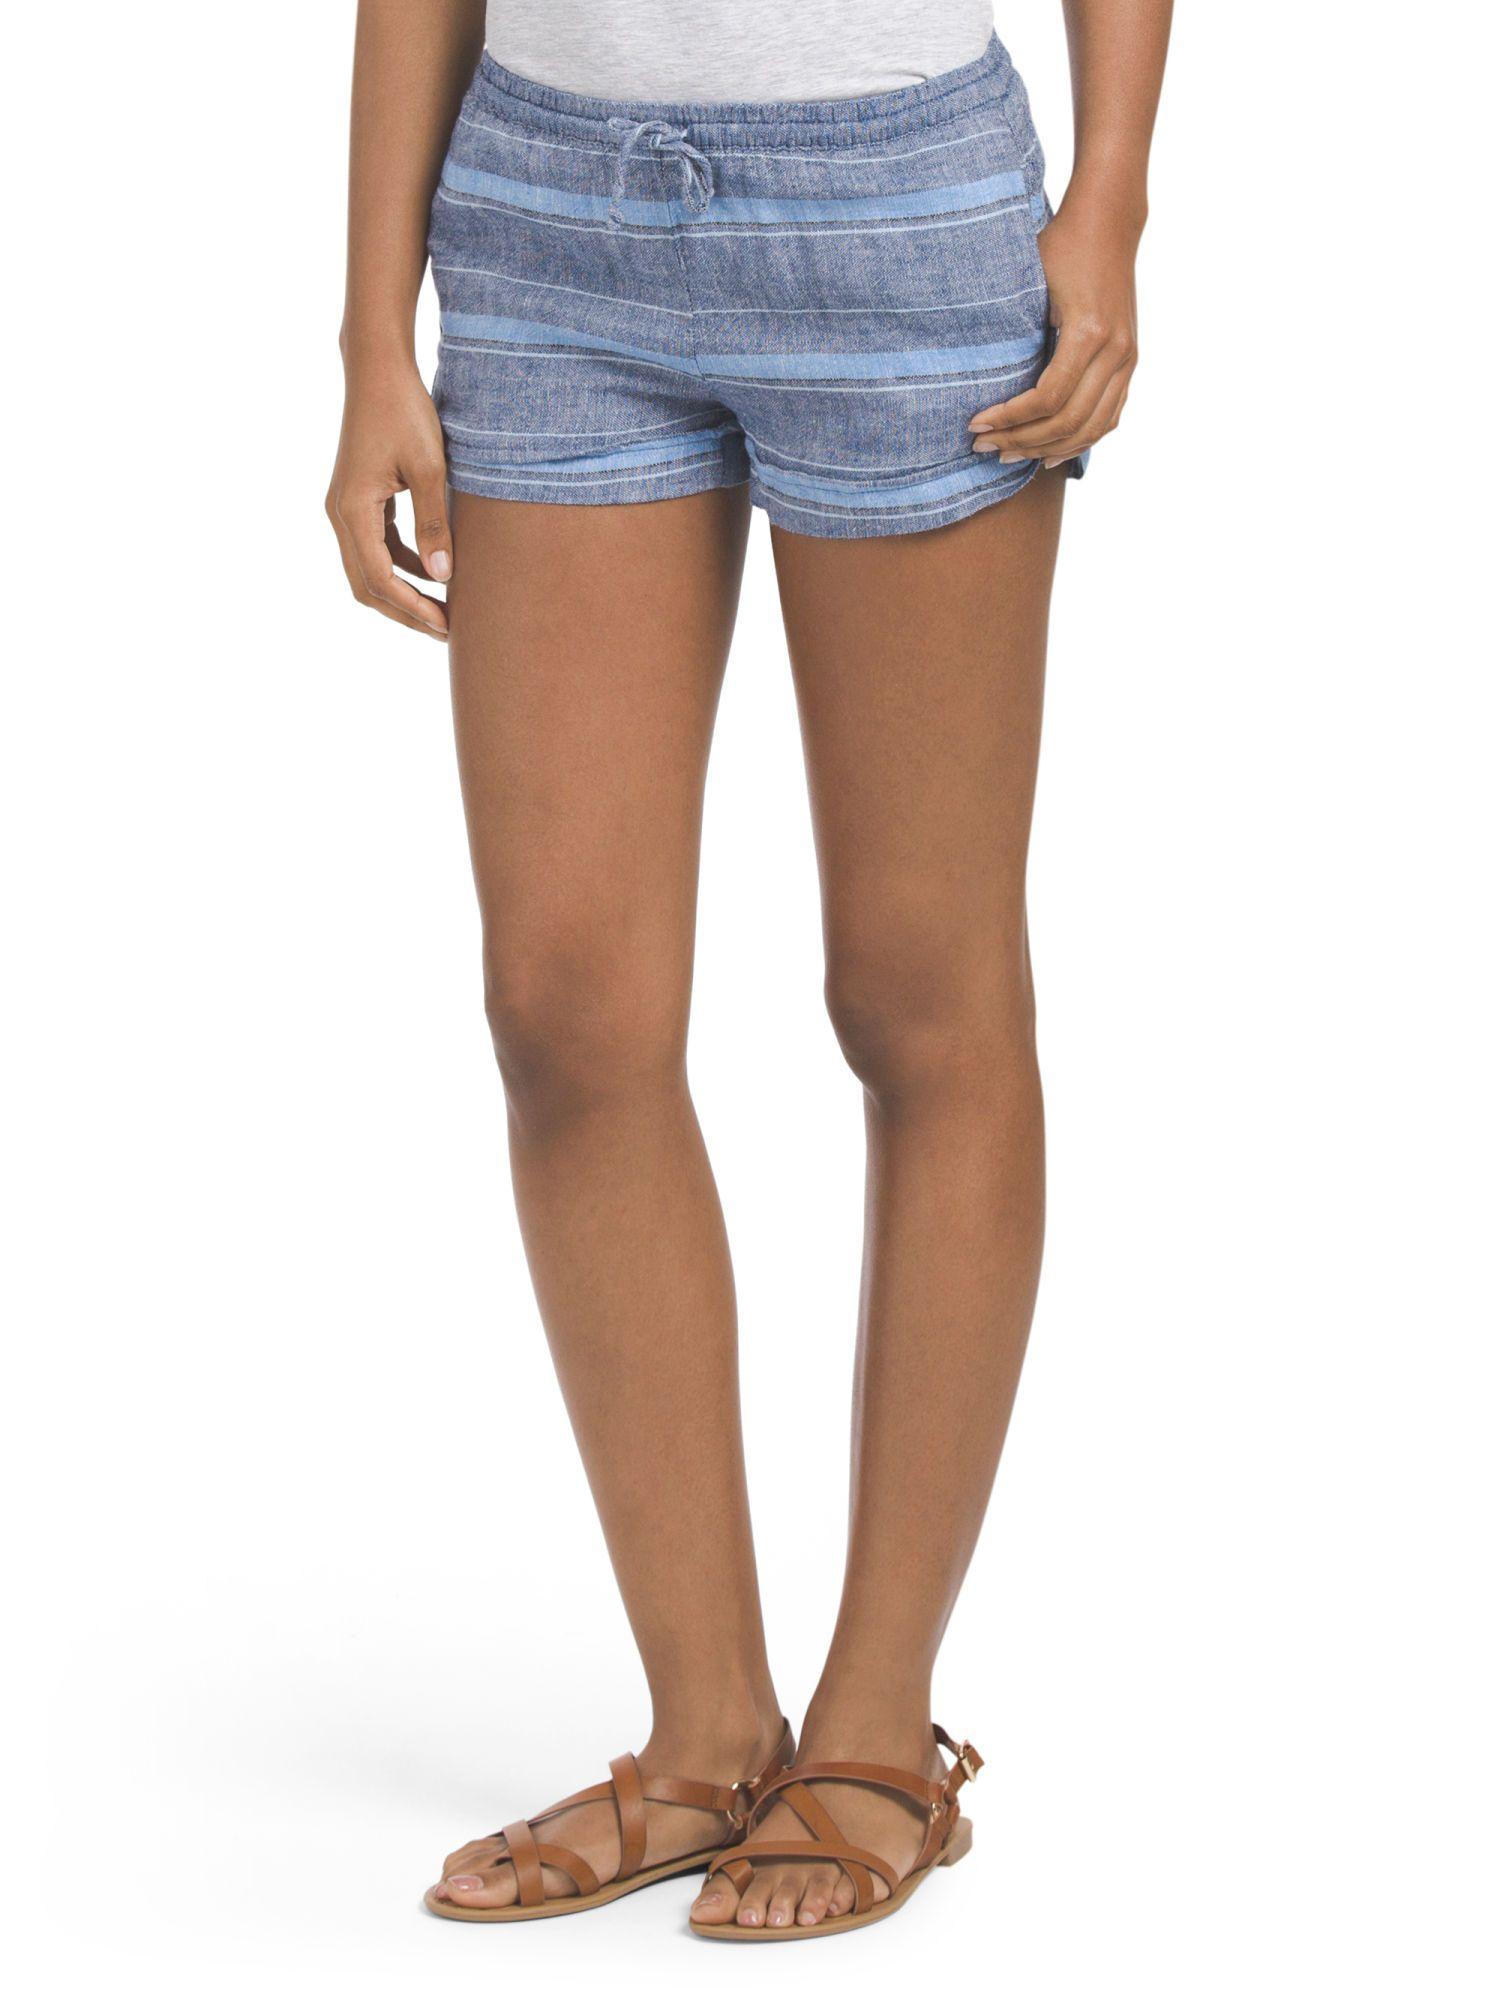 Indigo Rein Juniors Striped Short in Blue/Grey | TJ Maxx $12.99 | TJ ...